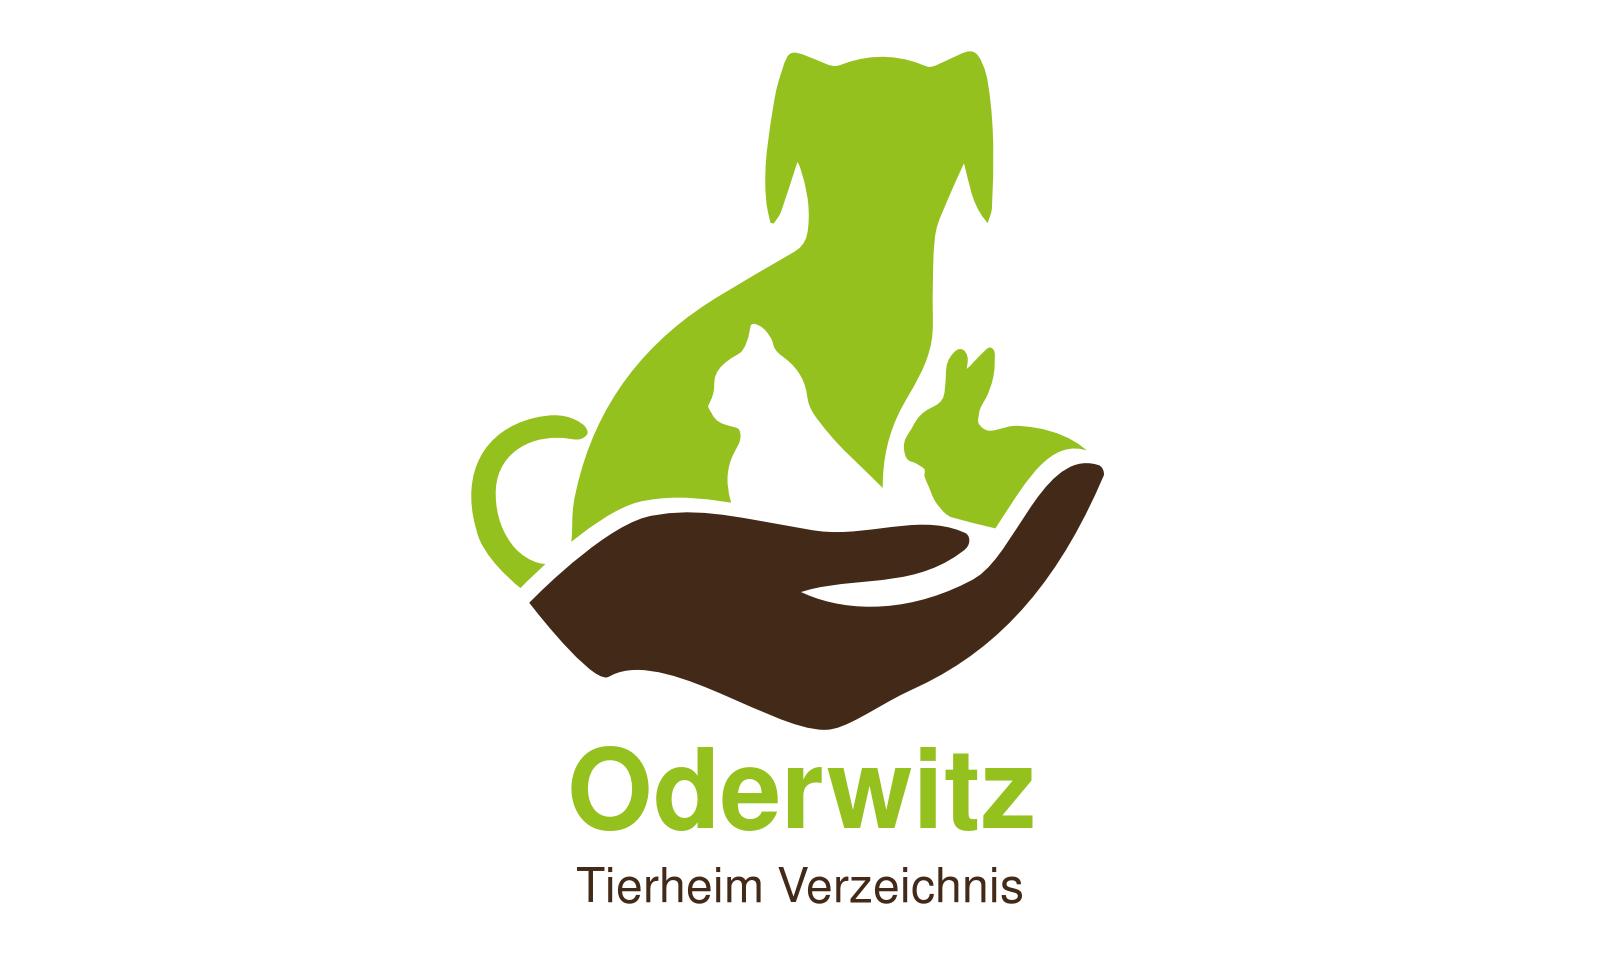 Tierheim Oderwitz